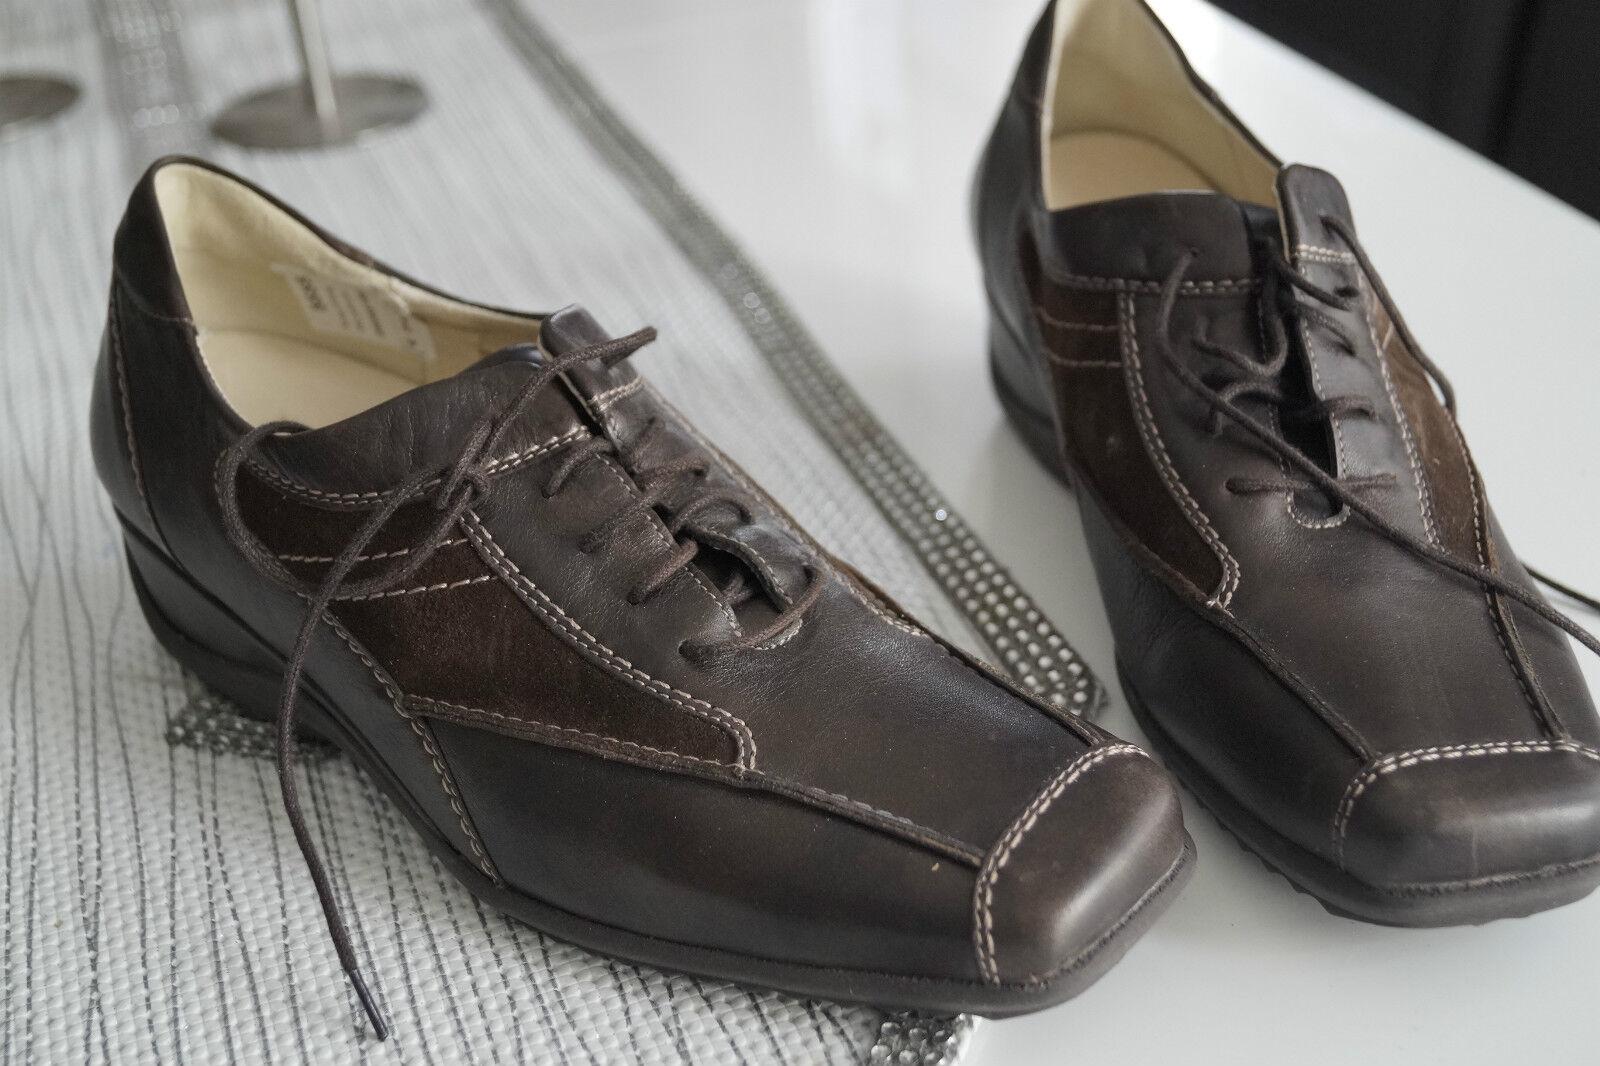 Rôdeur Femmes Comfort Chaussures Chaussure lacée cuir dépôt marron taille 6 H 39,5 Nouveau